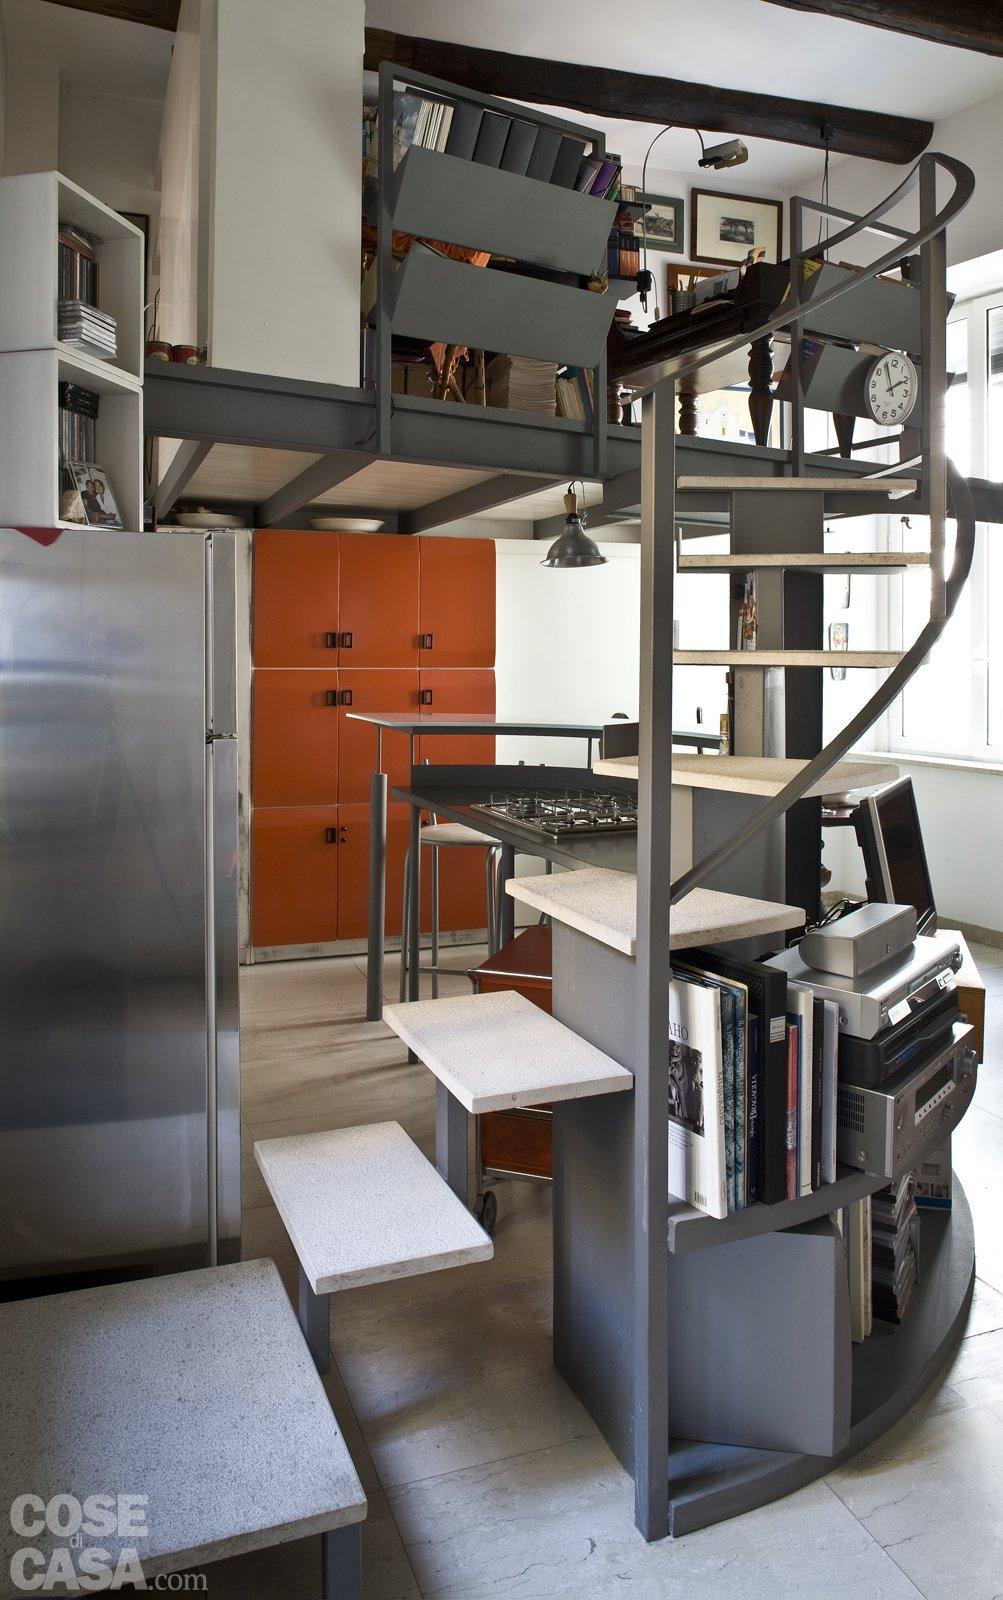 Casa piccola 43 mq soppalco per studio e cabina armadio - Camera da letto su soppalco ...